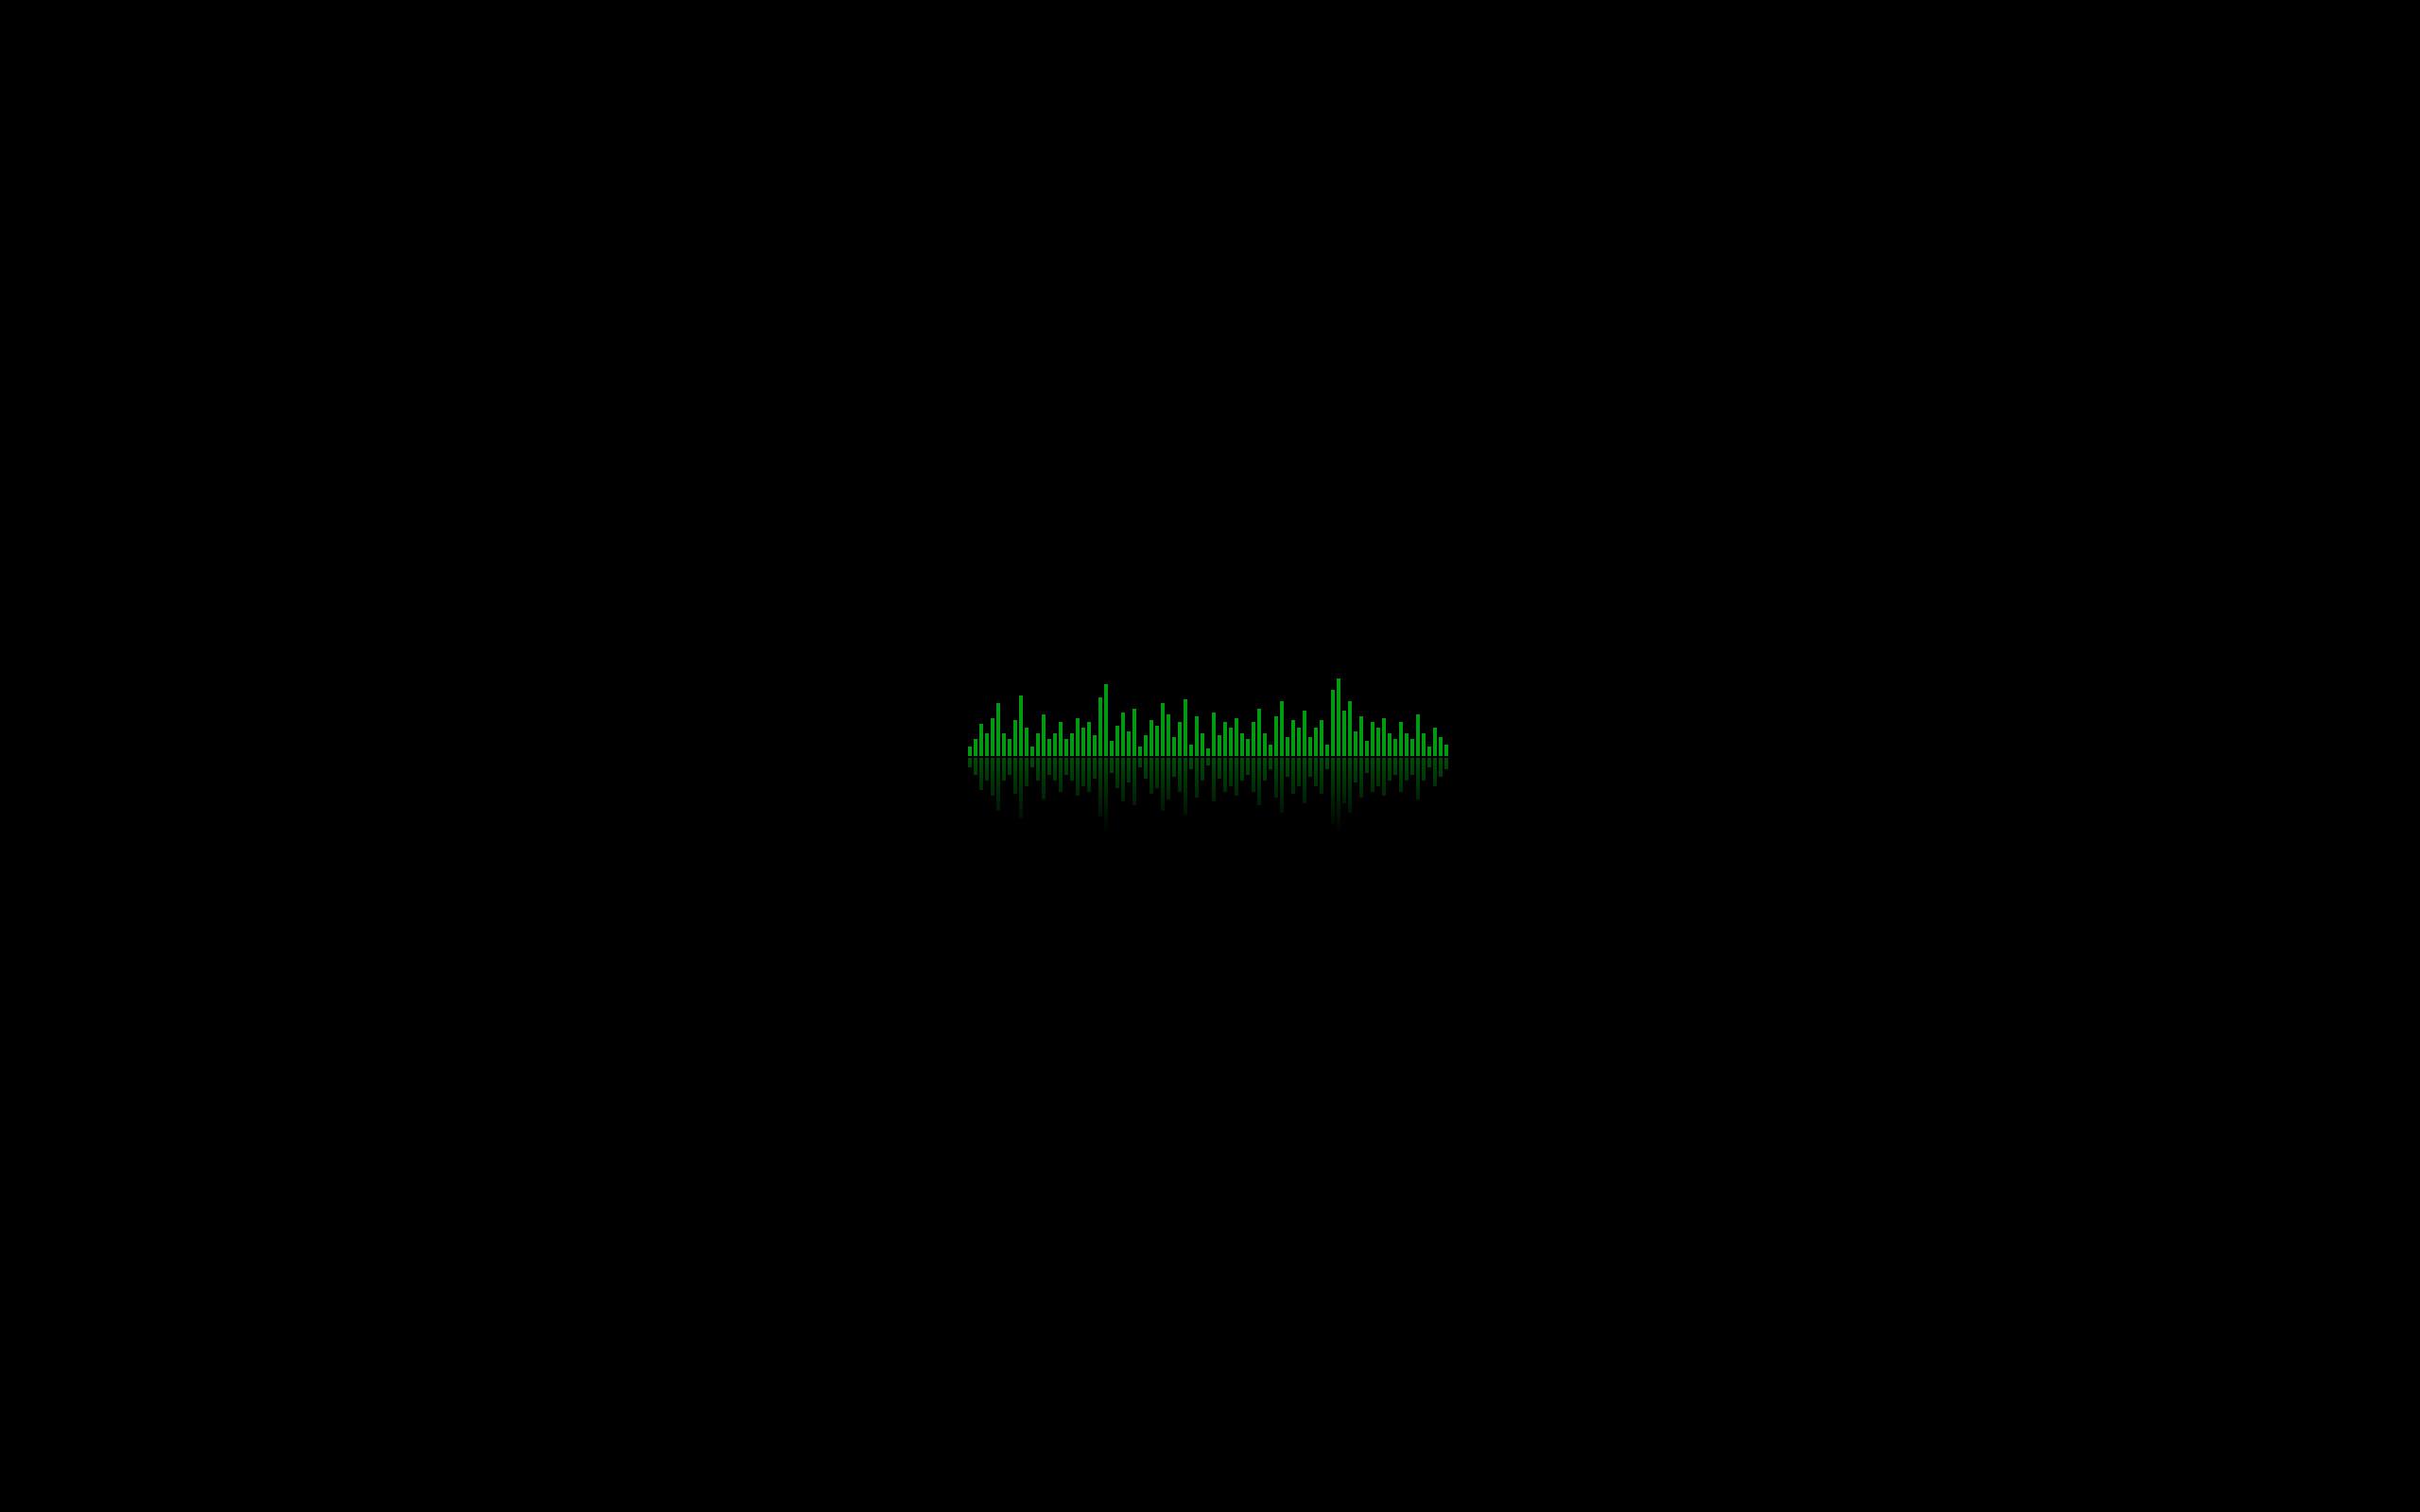 Minimalistic Wallpaper Green, Minimalistic, Music, Dark .